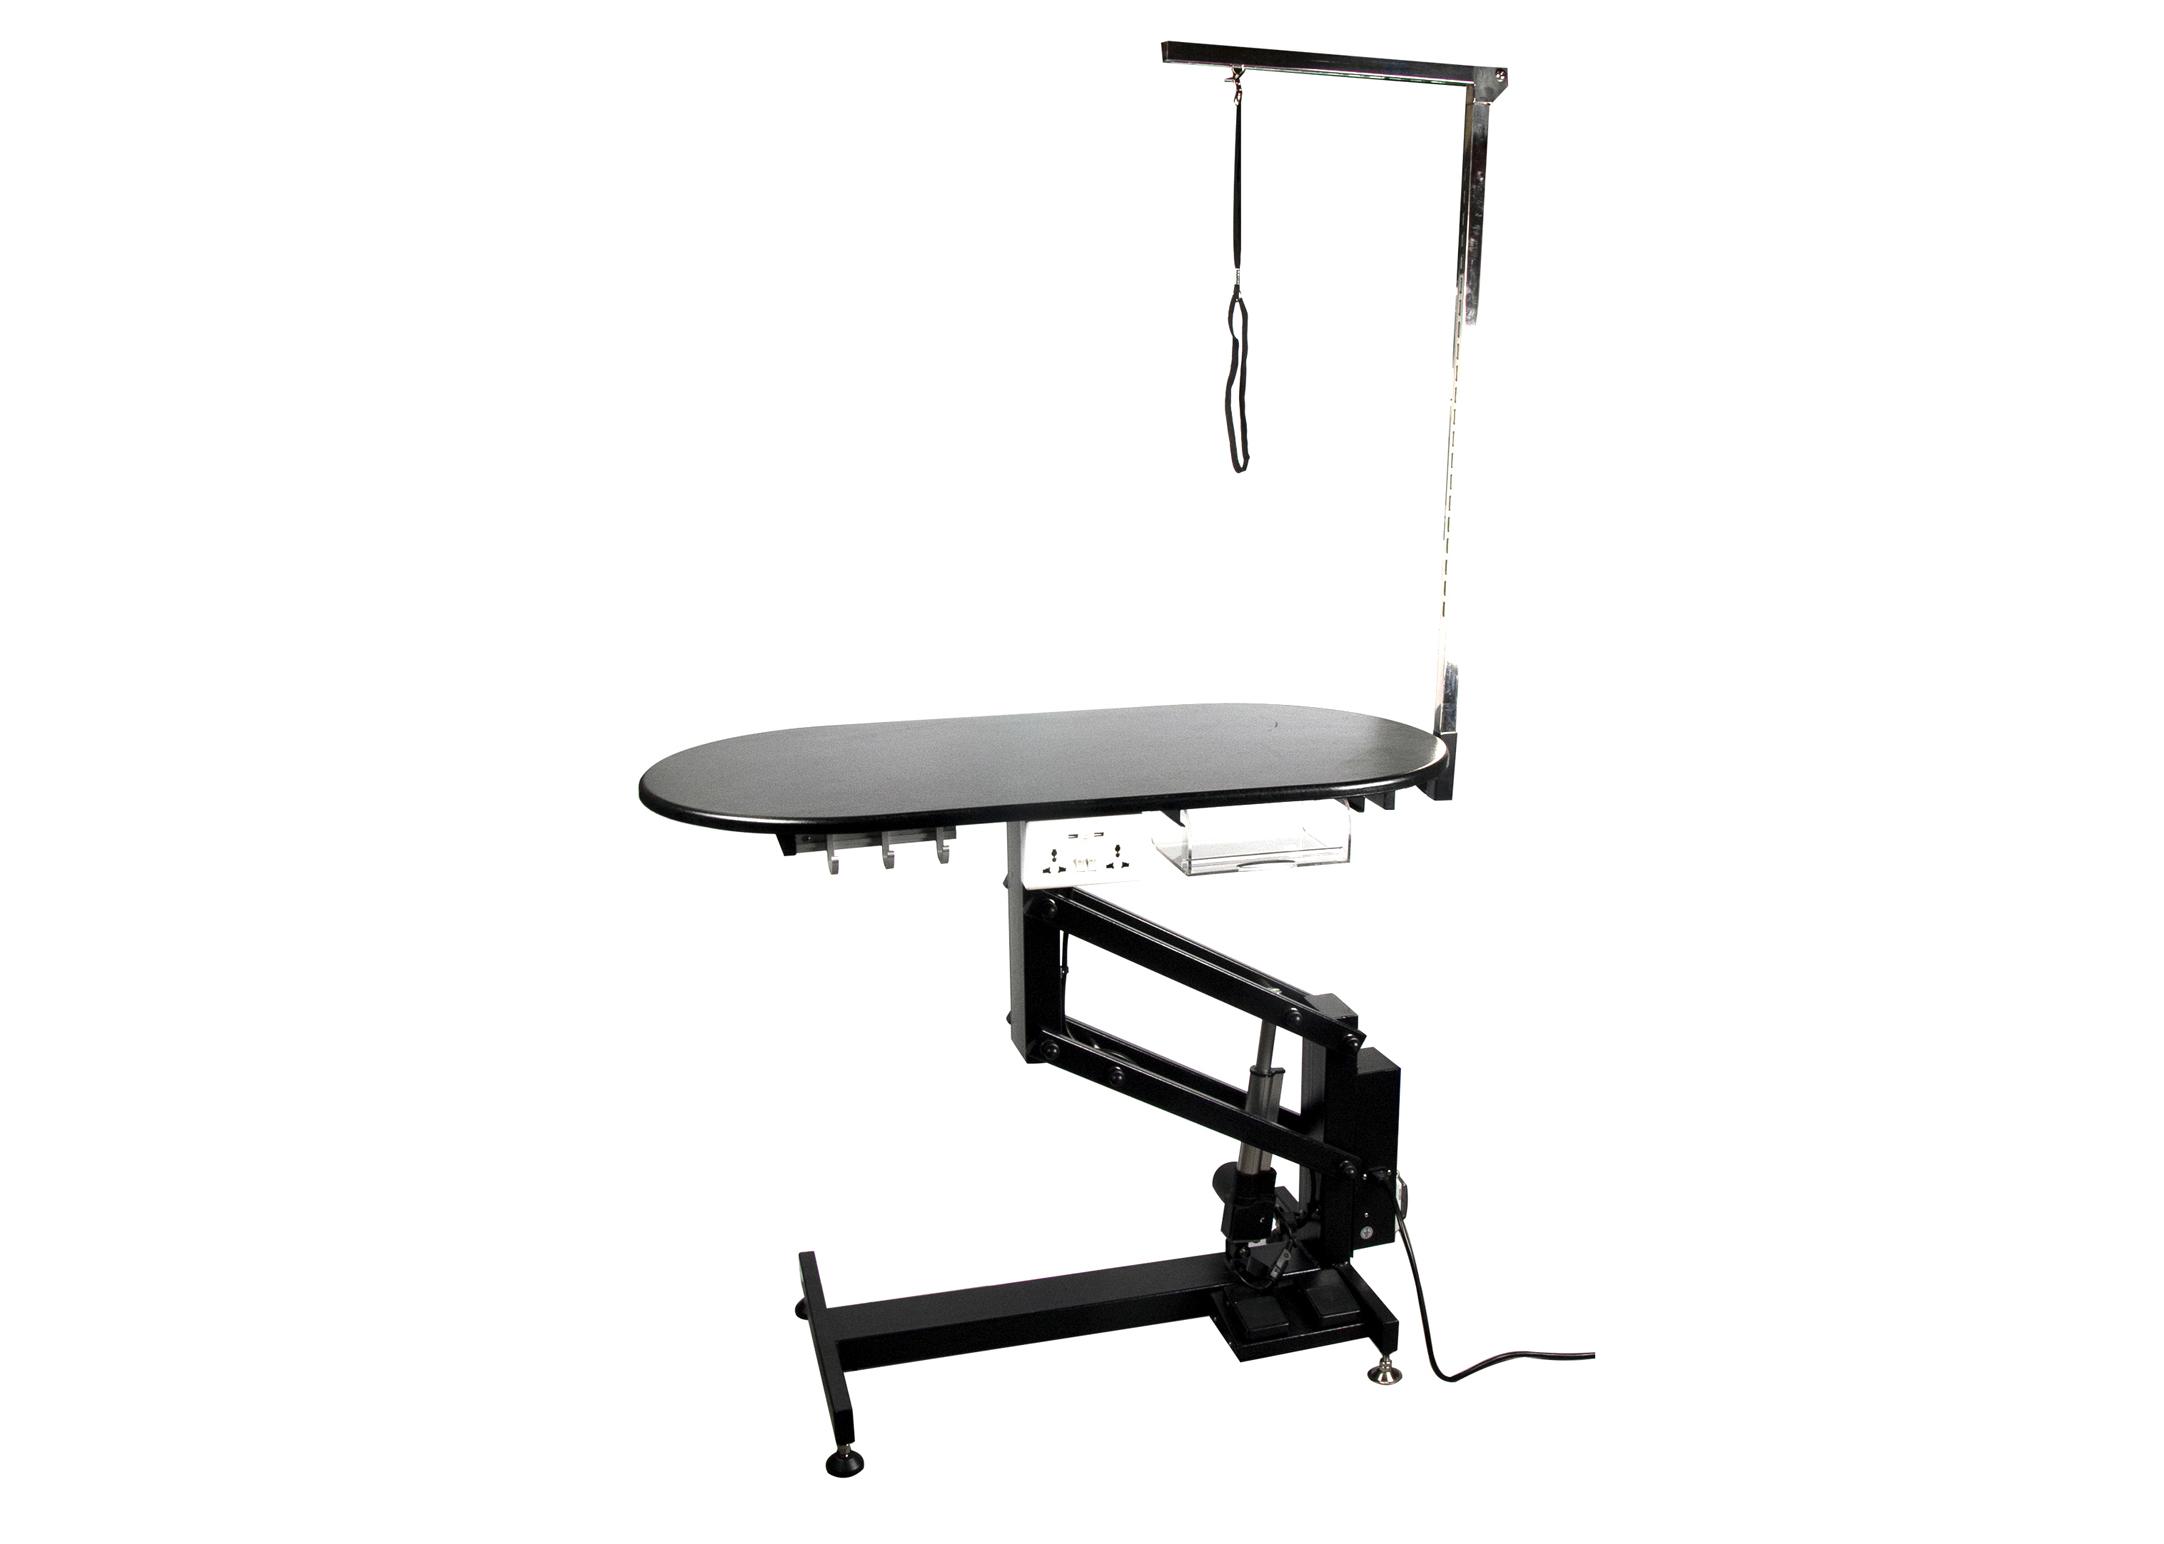 Groom-X Pro Special Ovalen Electrische Salon Tafel 110x55x53-109cmh met Controlestang